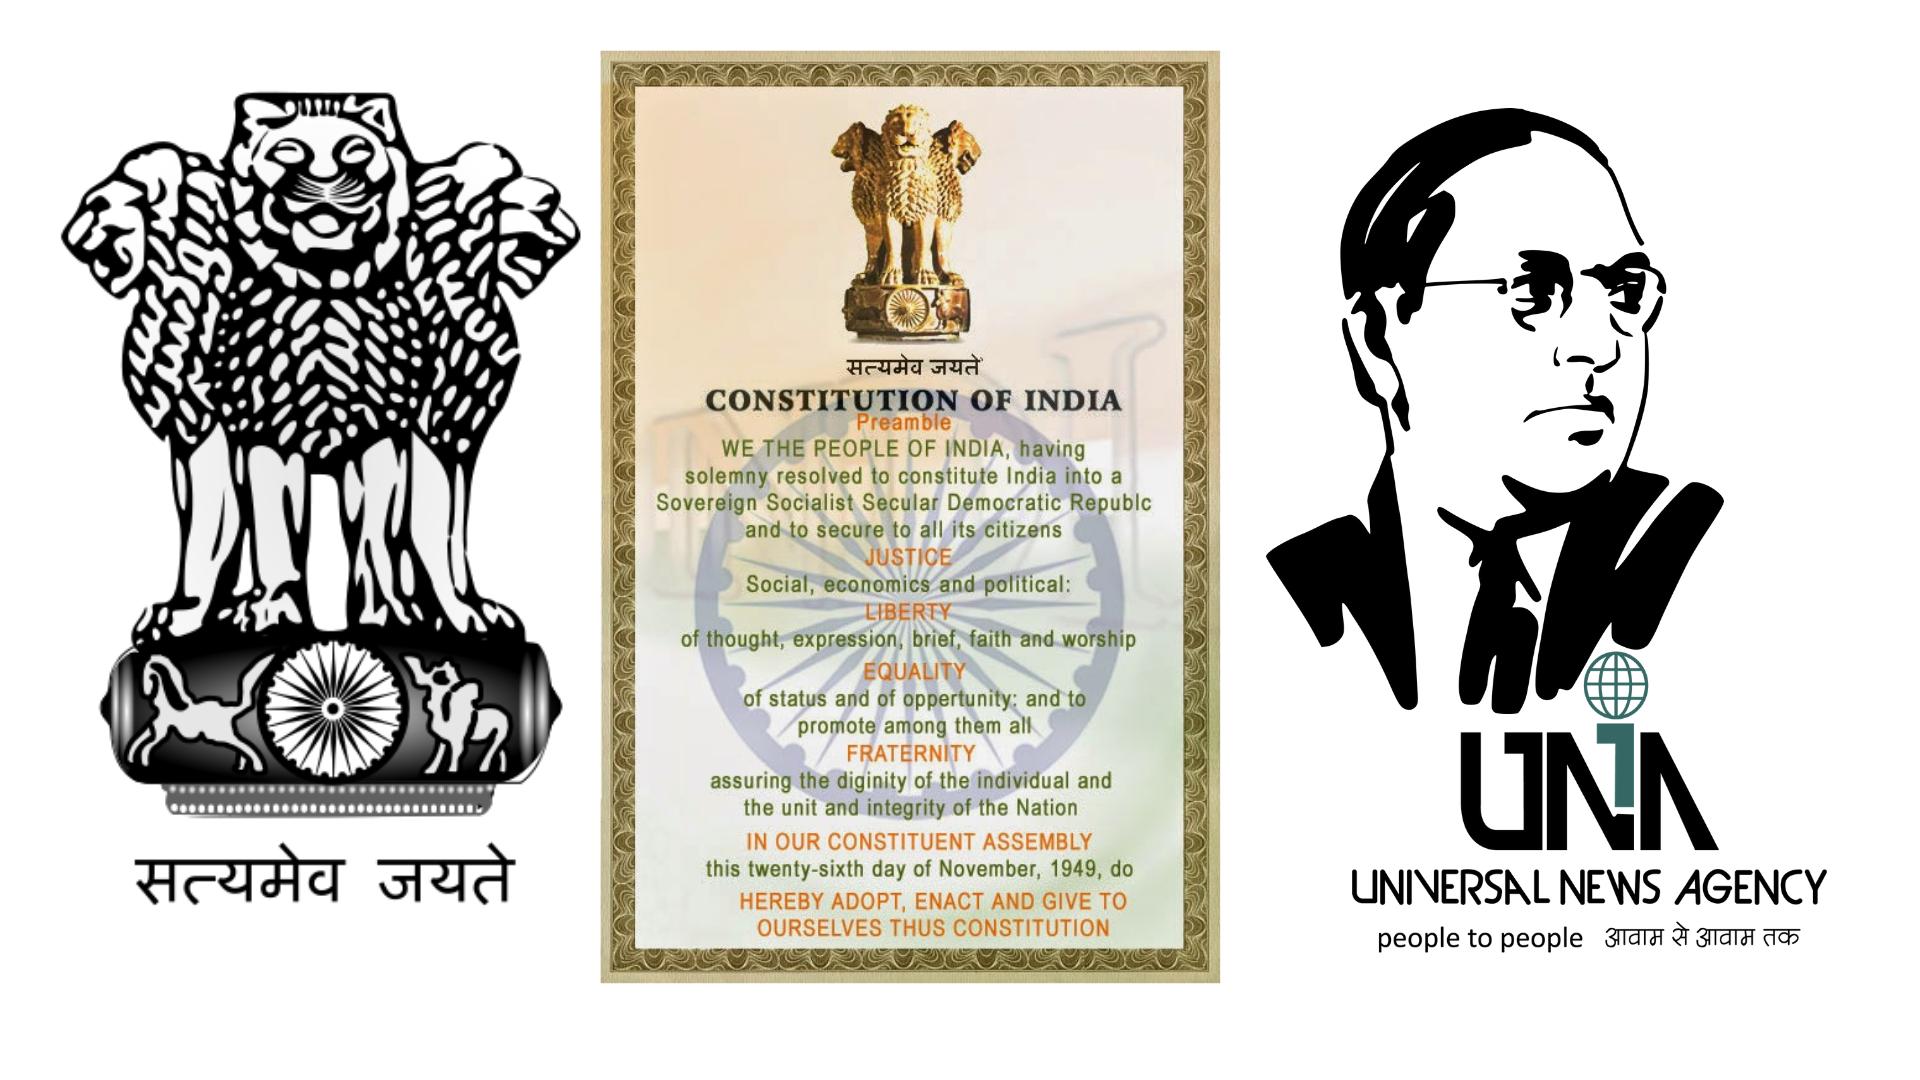 संविधान दिवस 2018: 26 नवंबर को संविधान दिवस किस कारण से मनाया जाता है?